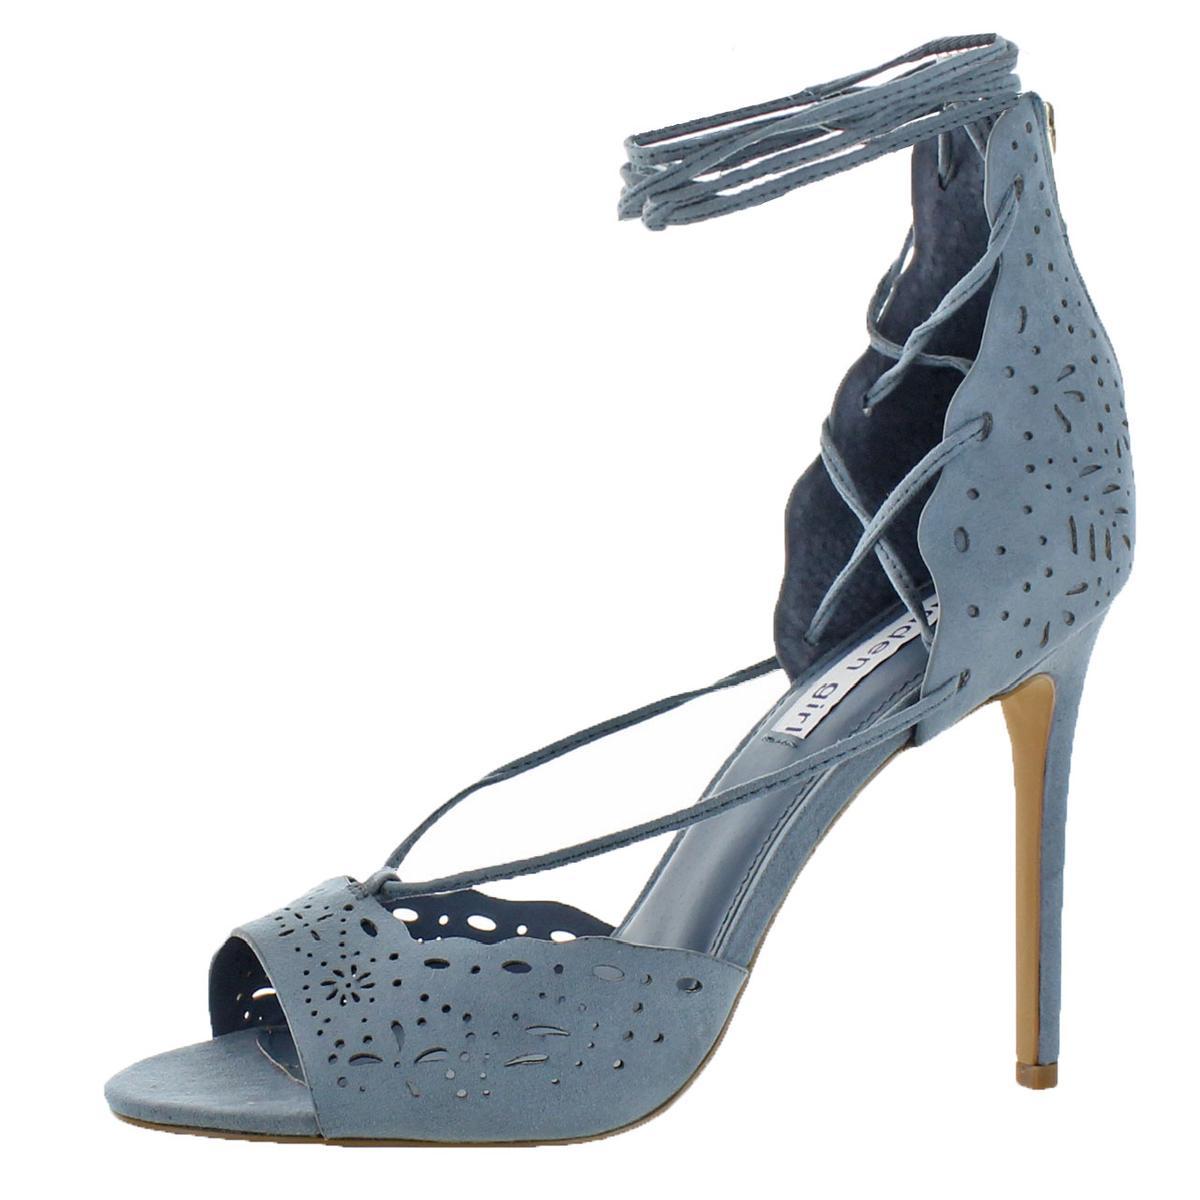 Madden Girl by Steve Madden Damenschuhe Mallory Open Toe Dress Heels Schuhes BHFO 1667